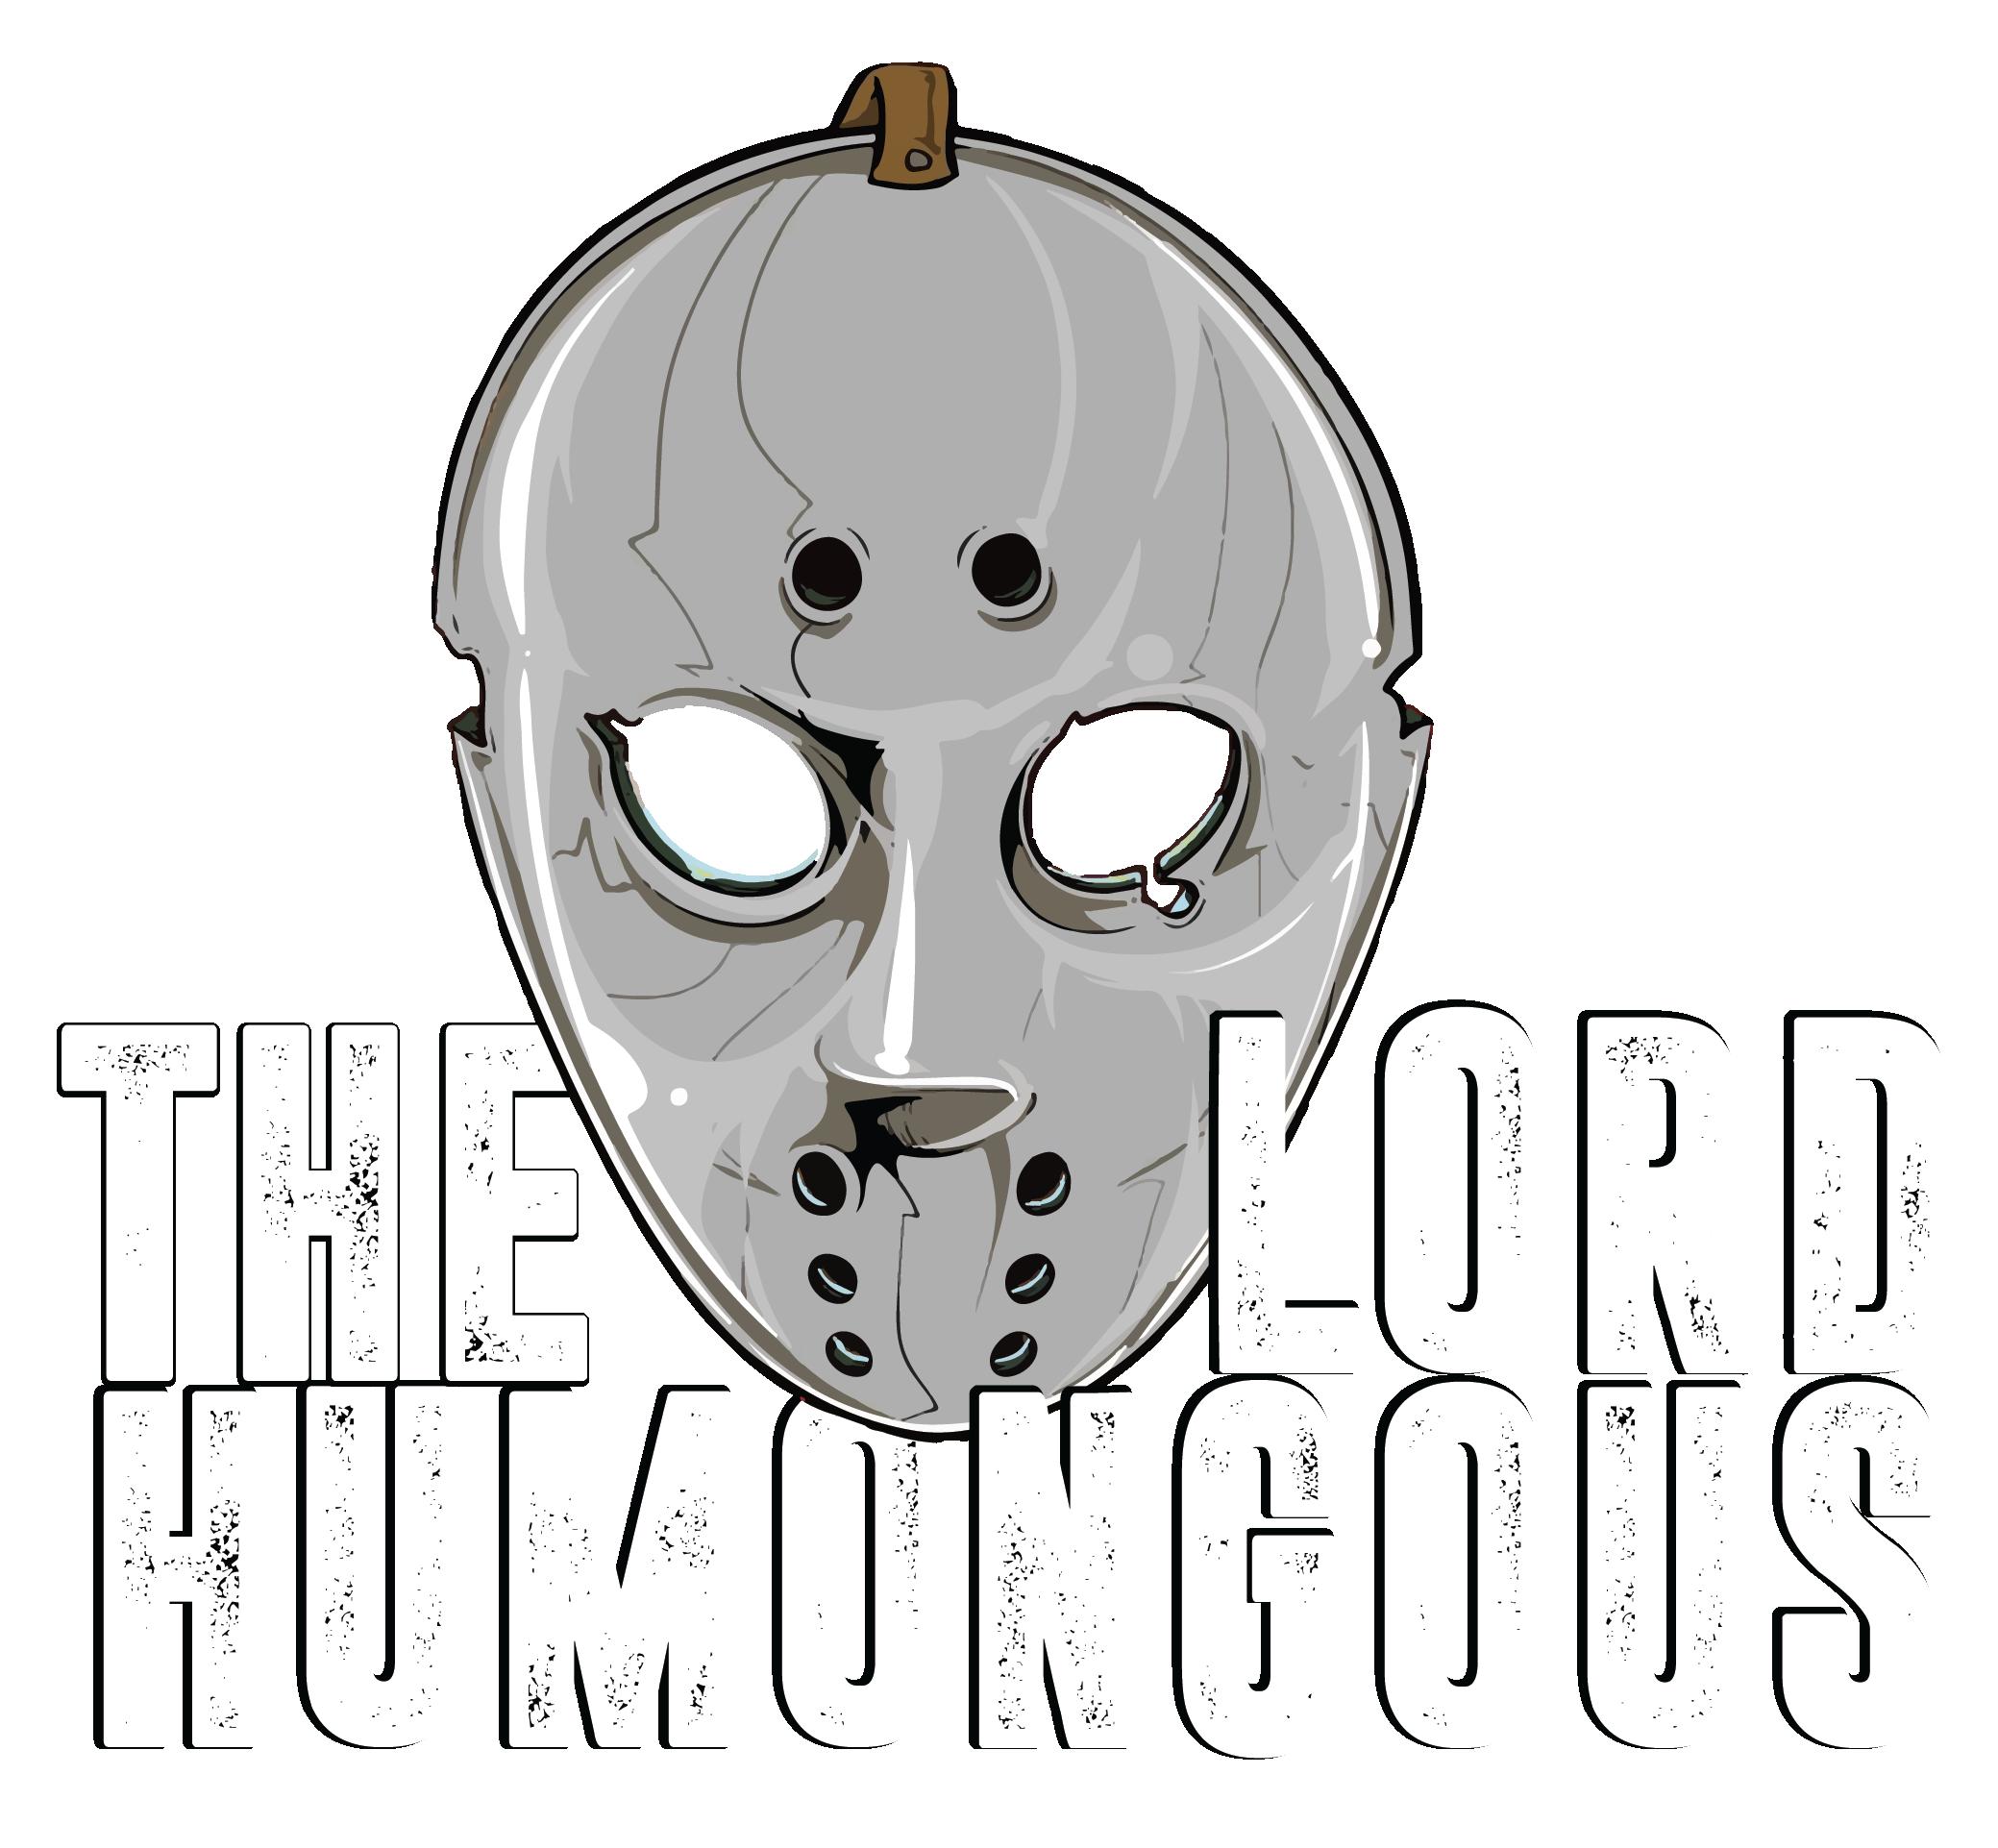 thelordhumongous.com